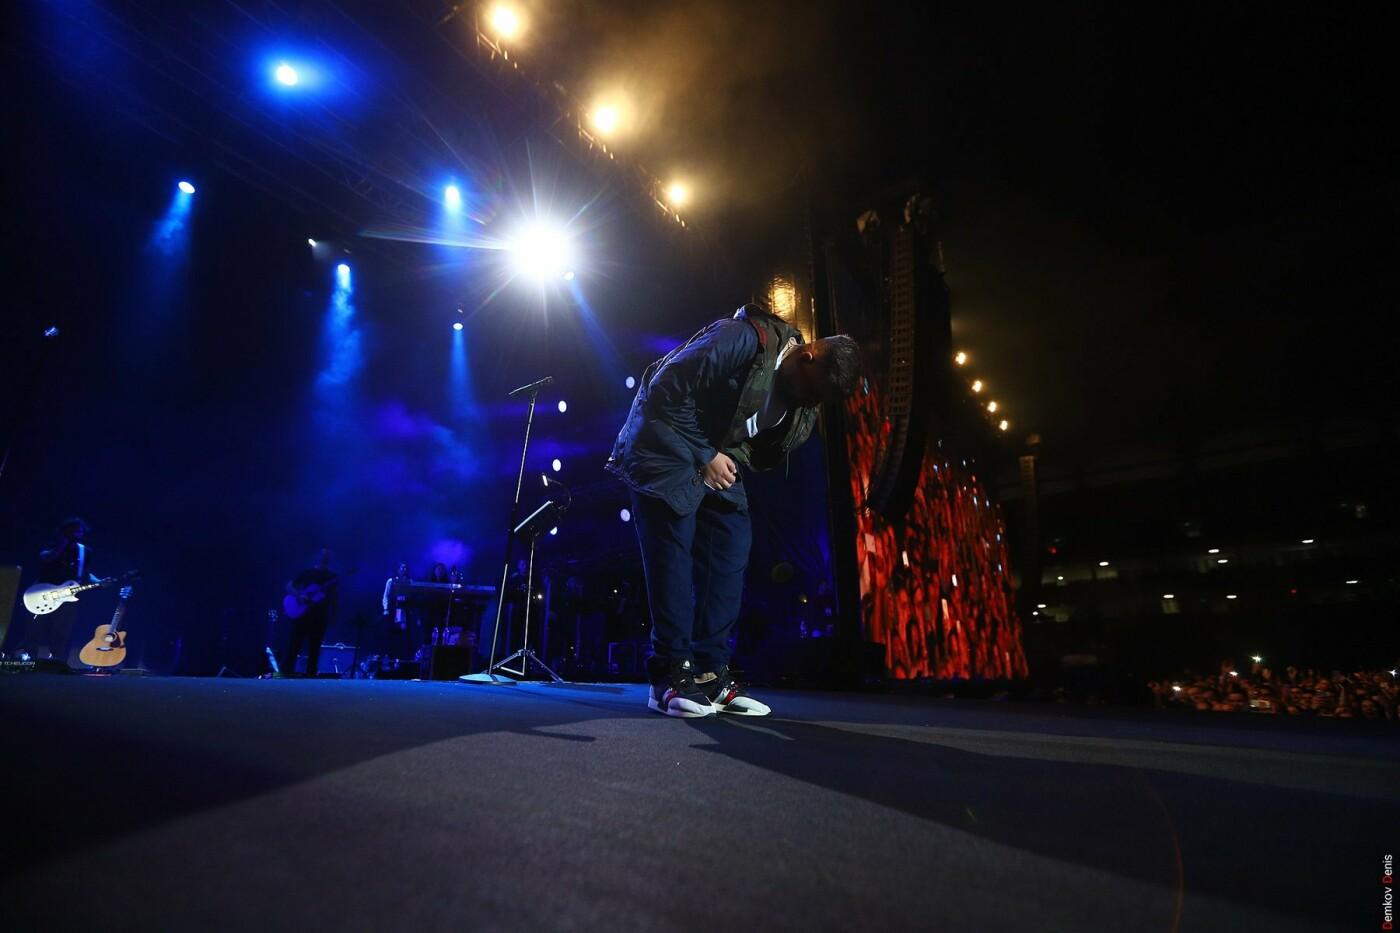 На первый большой концерт Басты в Ростове пришли 35 тысяч зрителей, фото-4